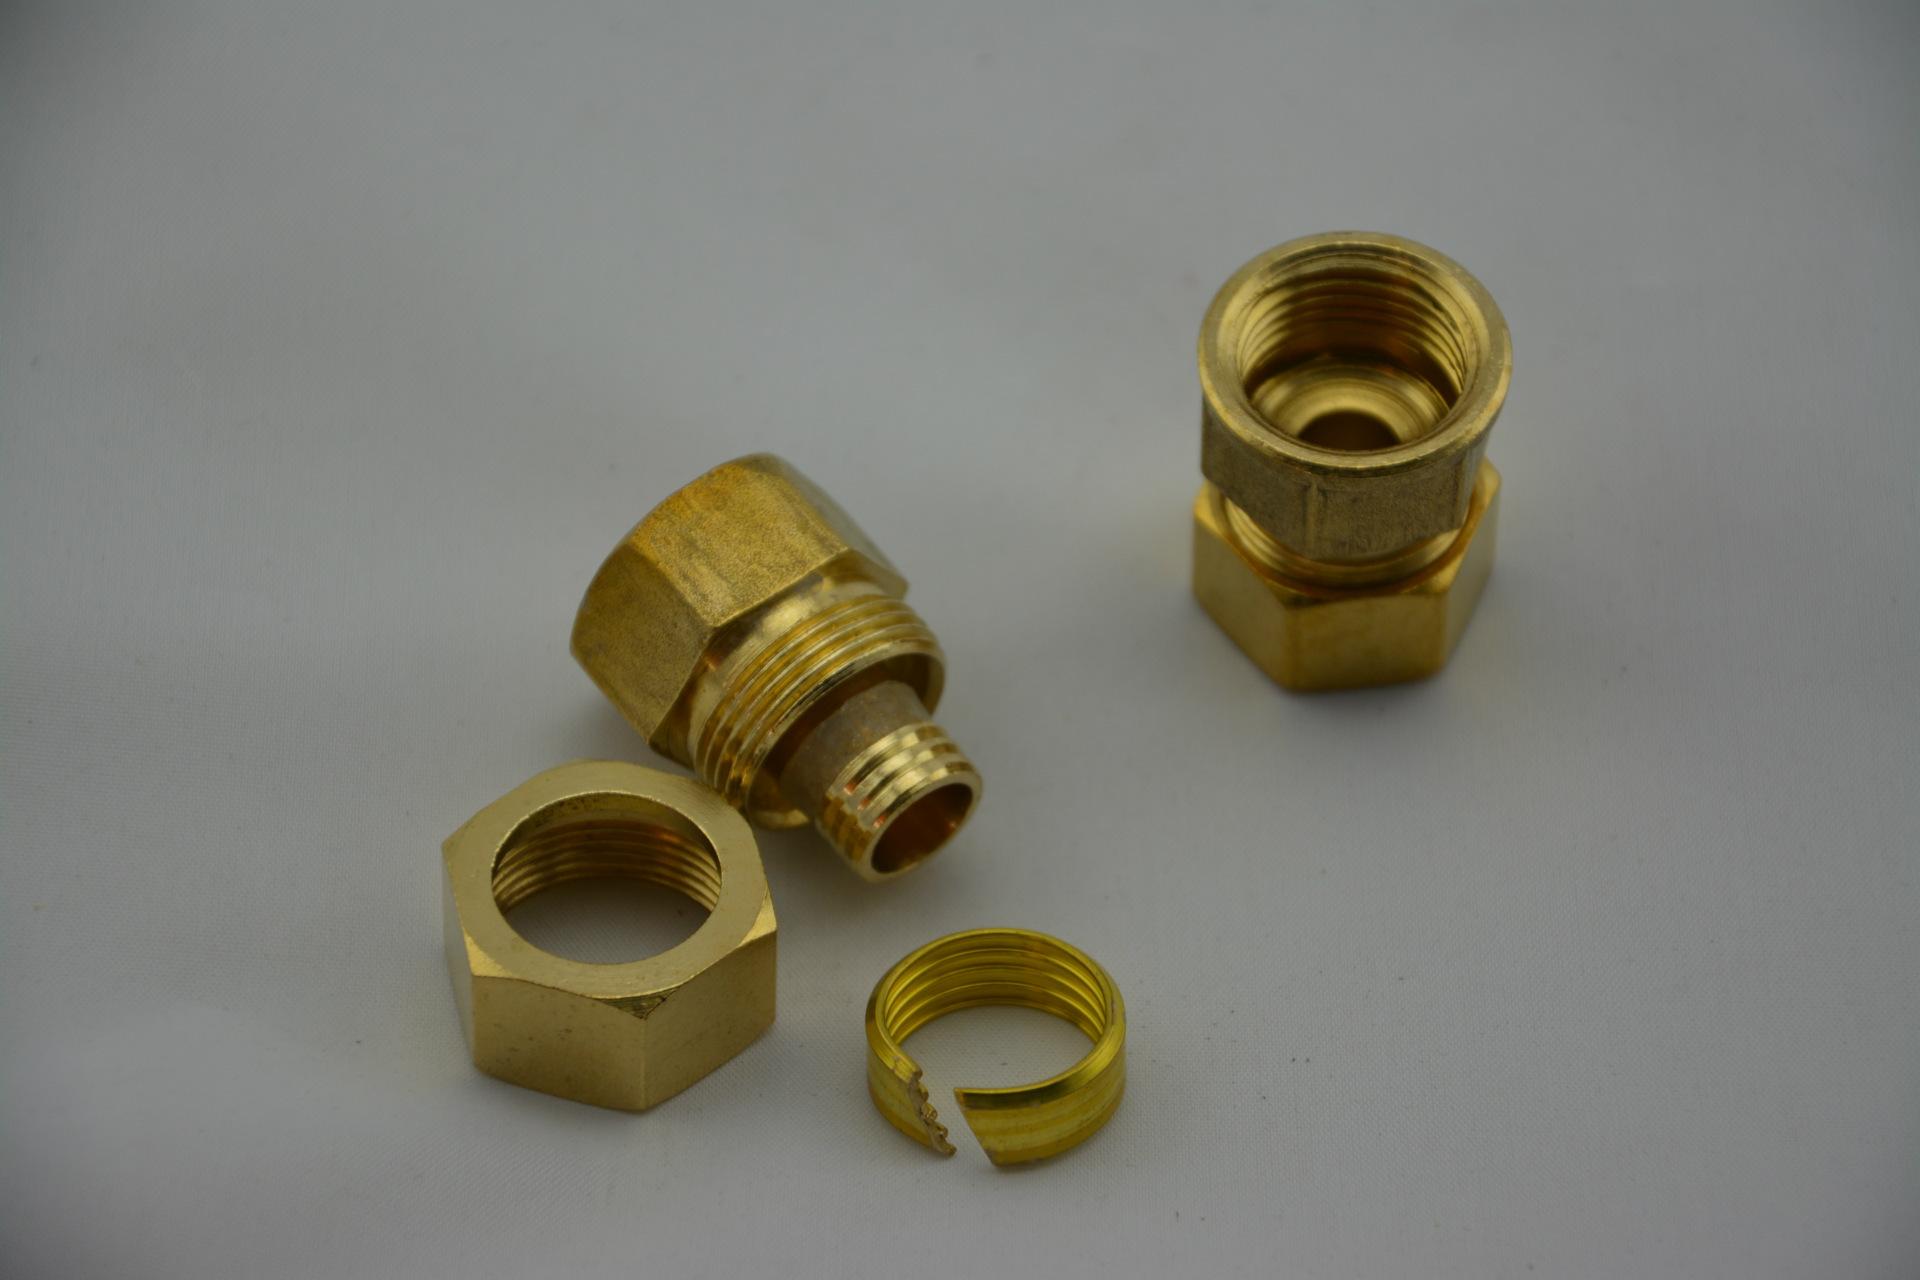 铝塑复合管铜接头 铝塑复合管铜接头 铝塑管铜配件 2025 3 4内牙直接